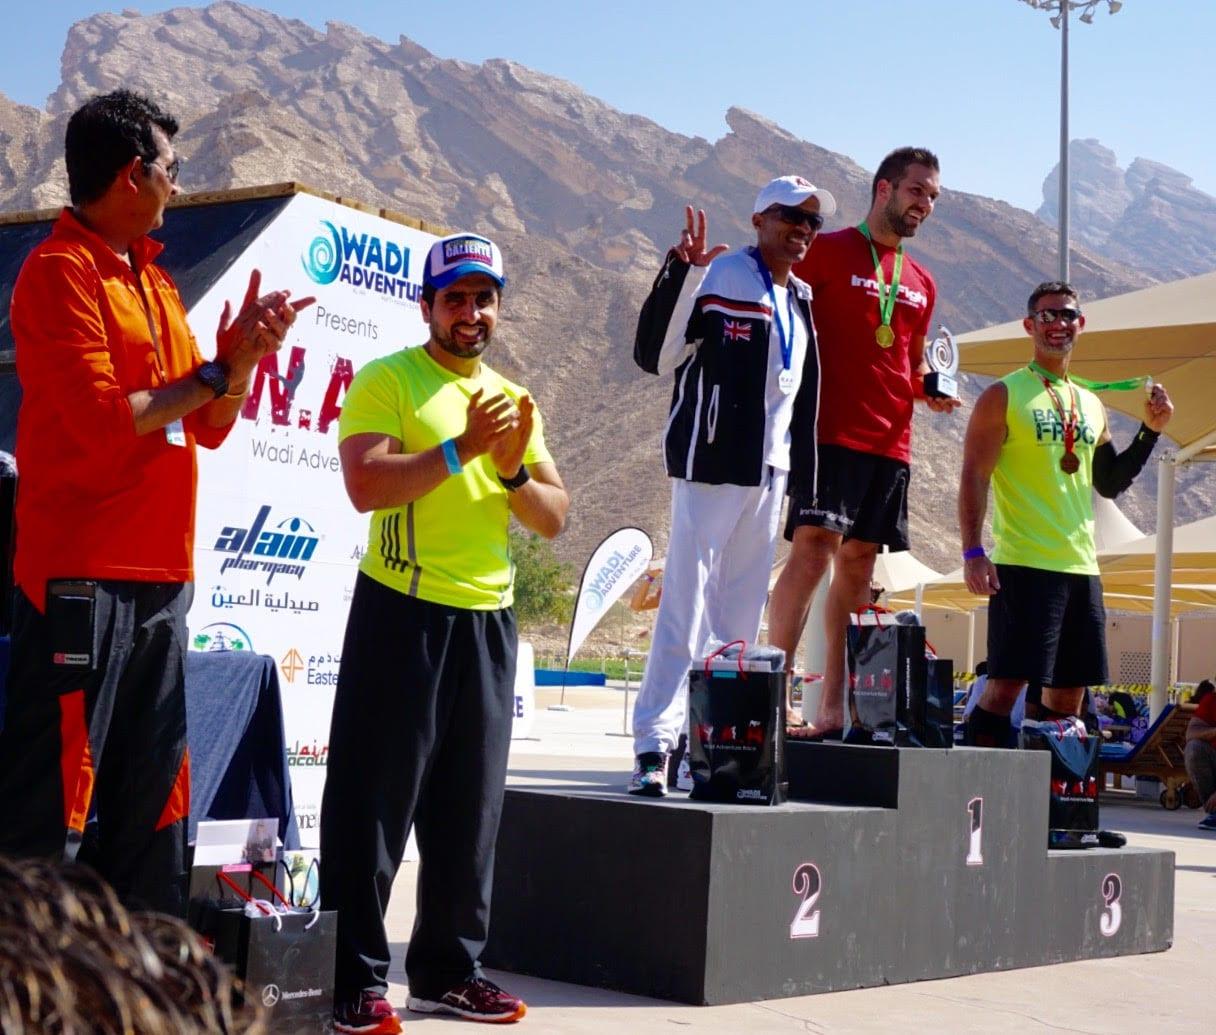 Wadi Mens 10k Elite Podium and Sheikh Mohammed Al Maktoum